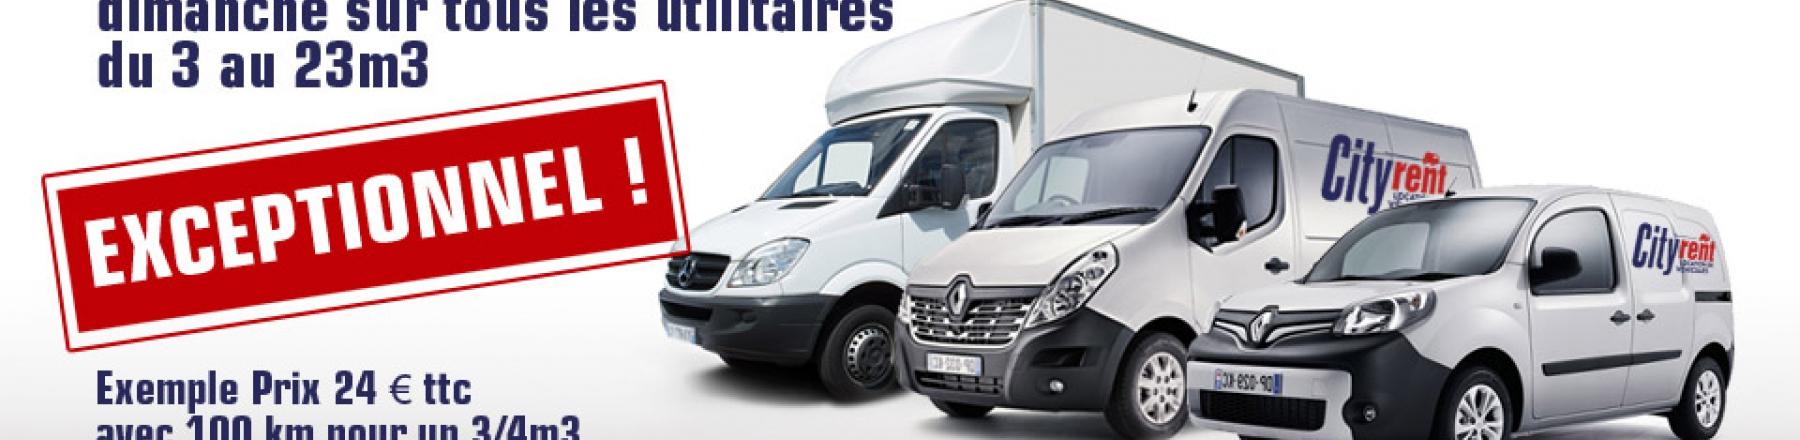 louer camionnette free location camionette sprinter pour dmnagement ou autre with louer. Black Bedroom Furniture Sets. Home Design Ideas